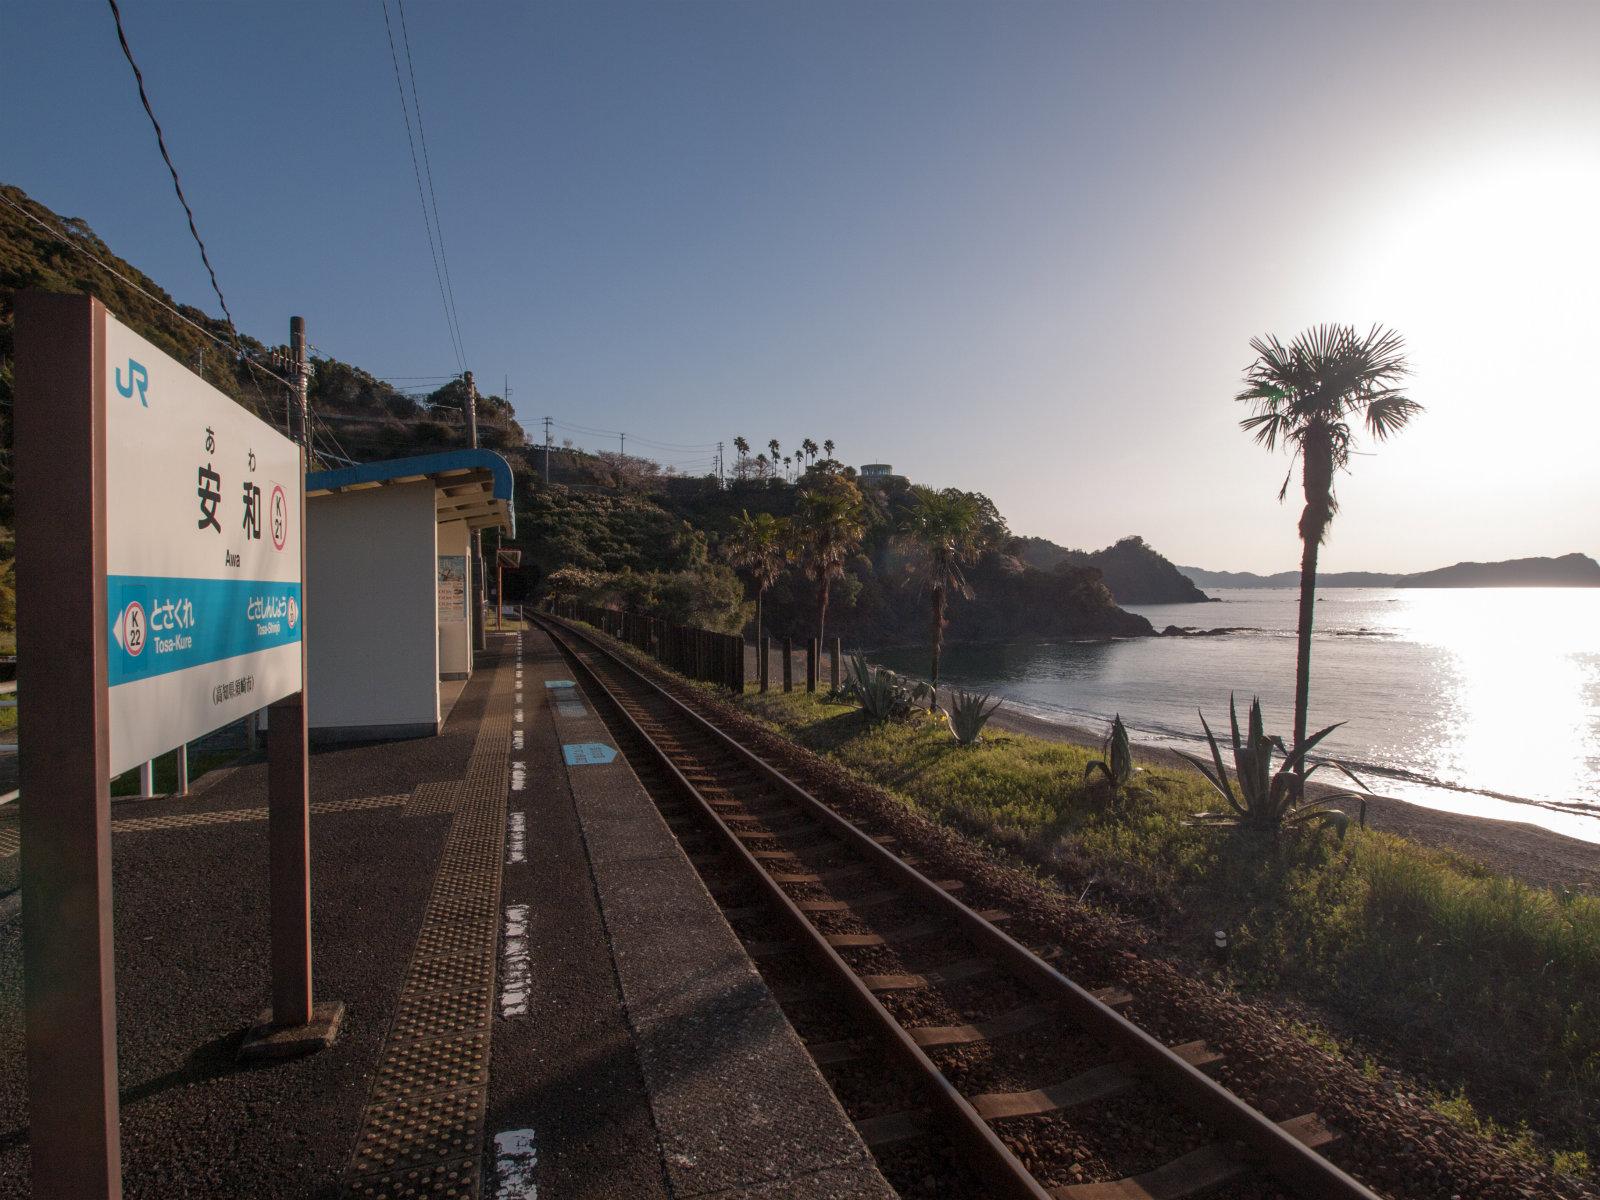 駅のすぐ下には海岸があります。